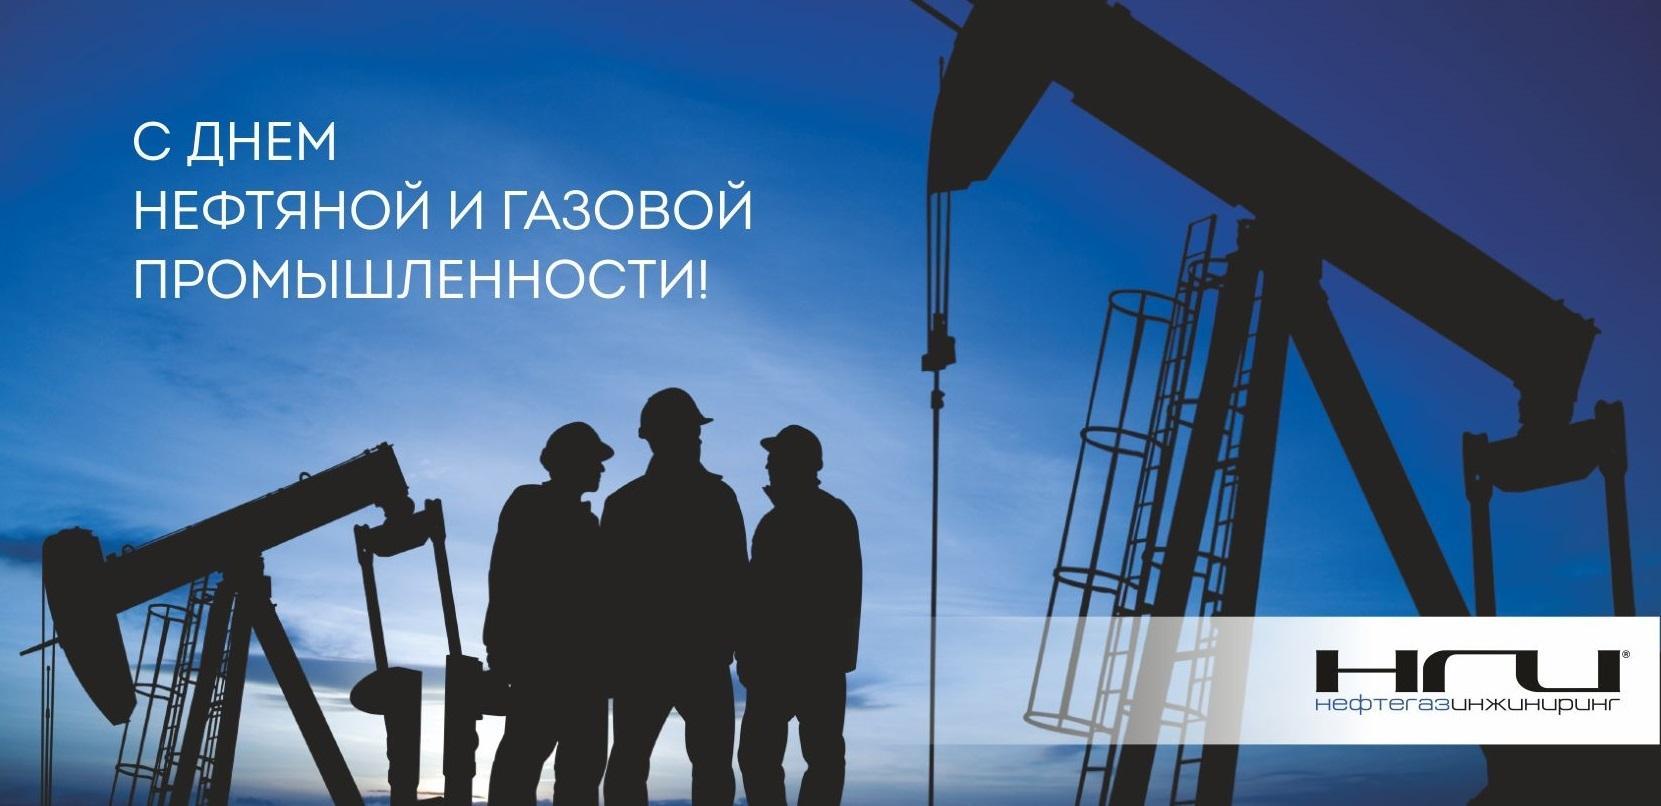 термобелье: Некоторые кадры нефтяной и газовой промышленности термобелье